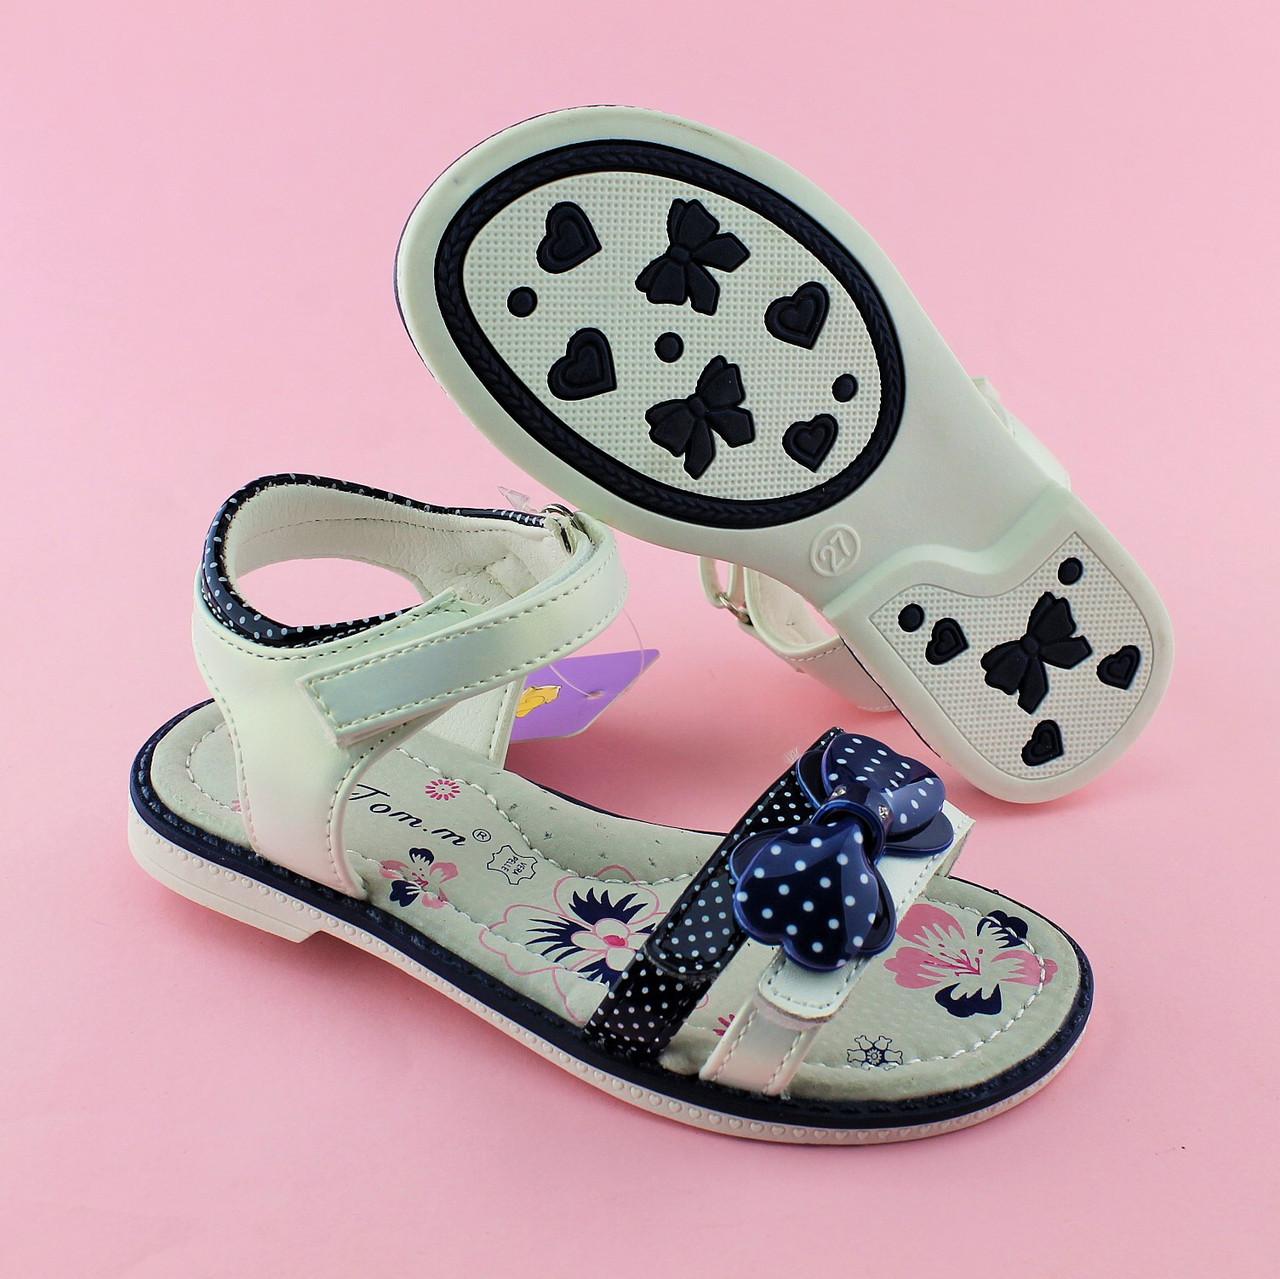 Детские сандалии для девочки Синий бант TOMM размеры 28